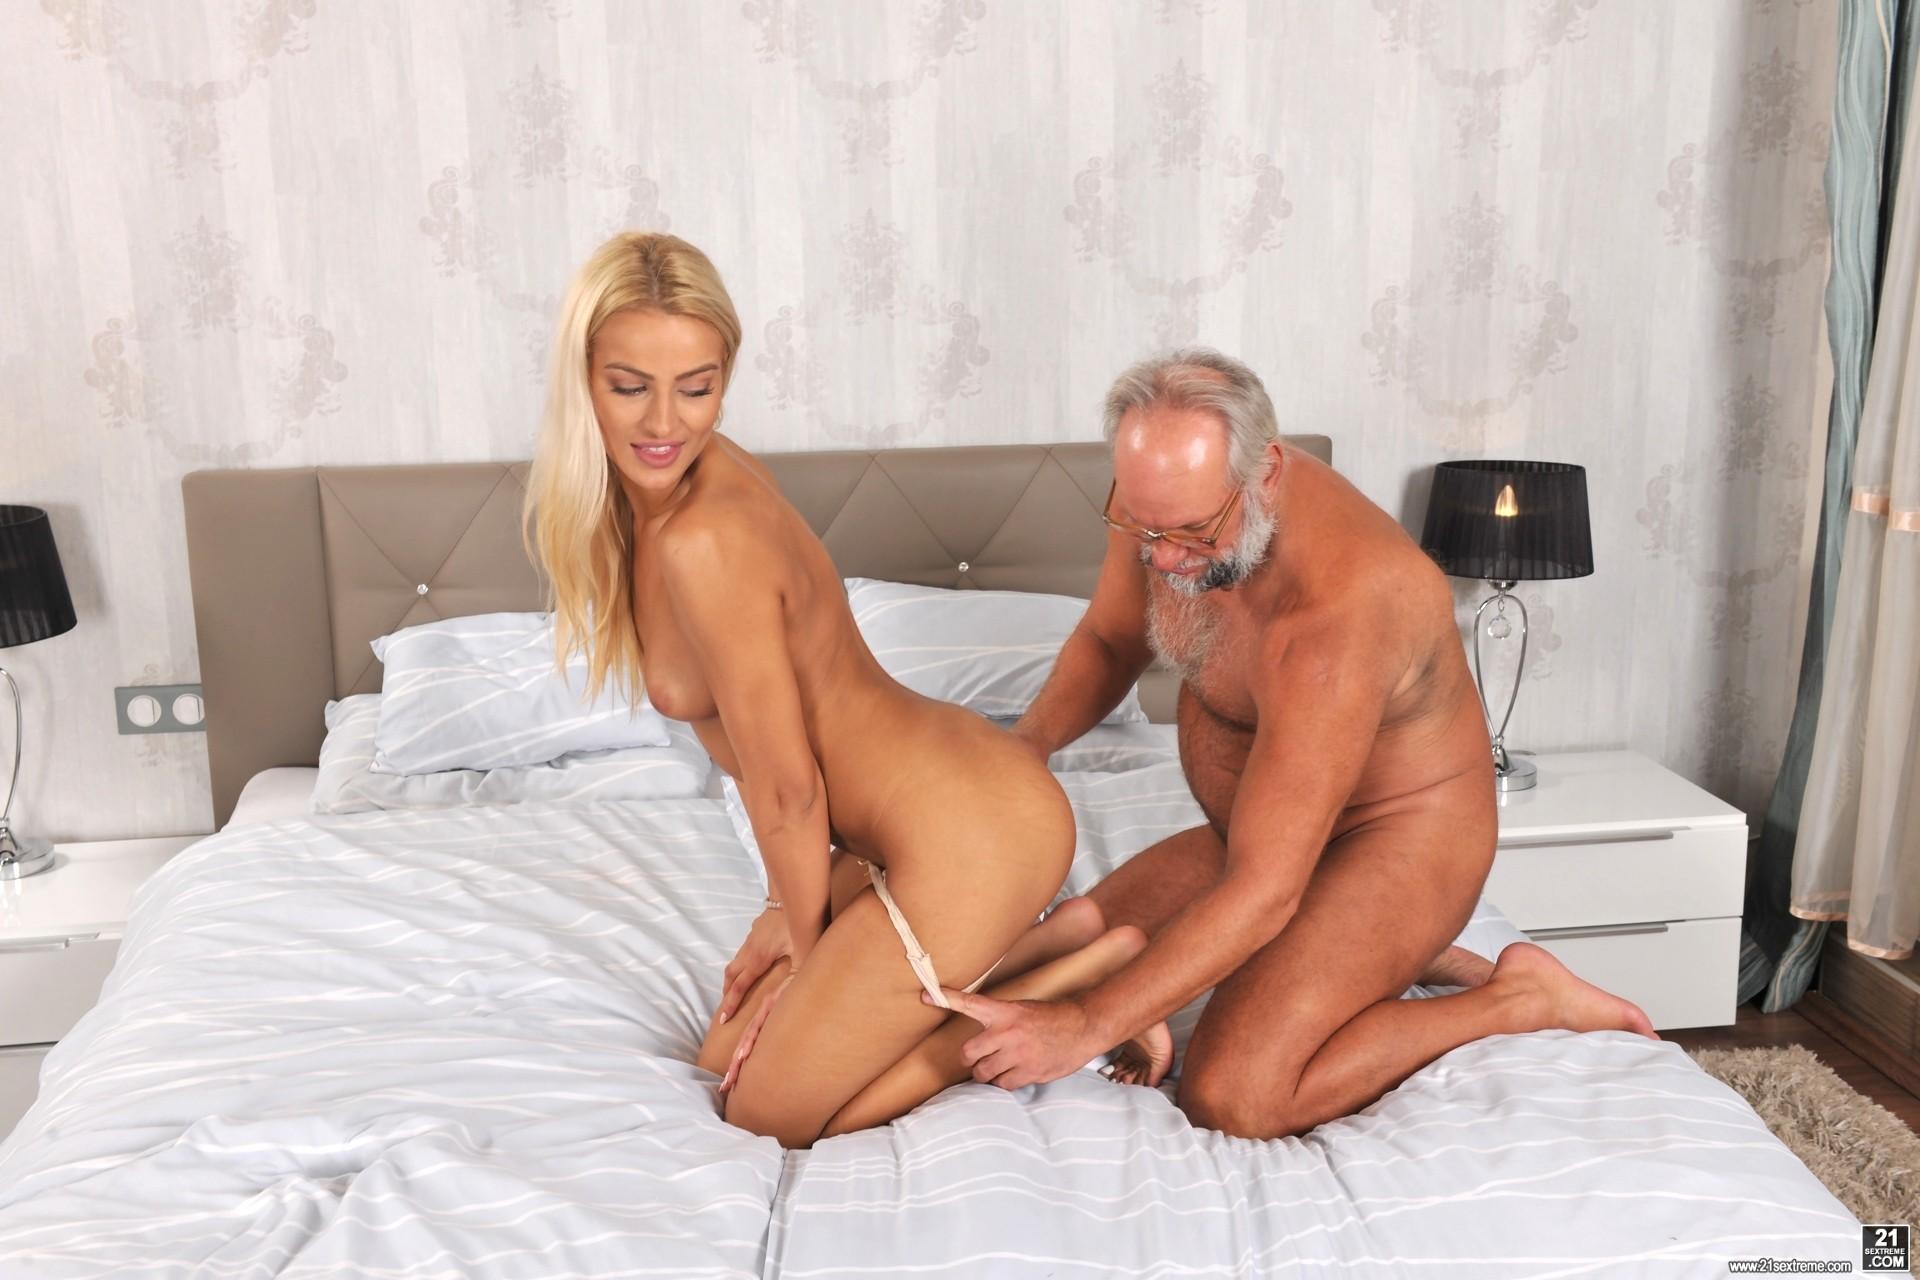 Пожилой мужик ебет роскошную блондинку порно видео